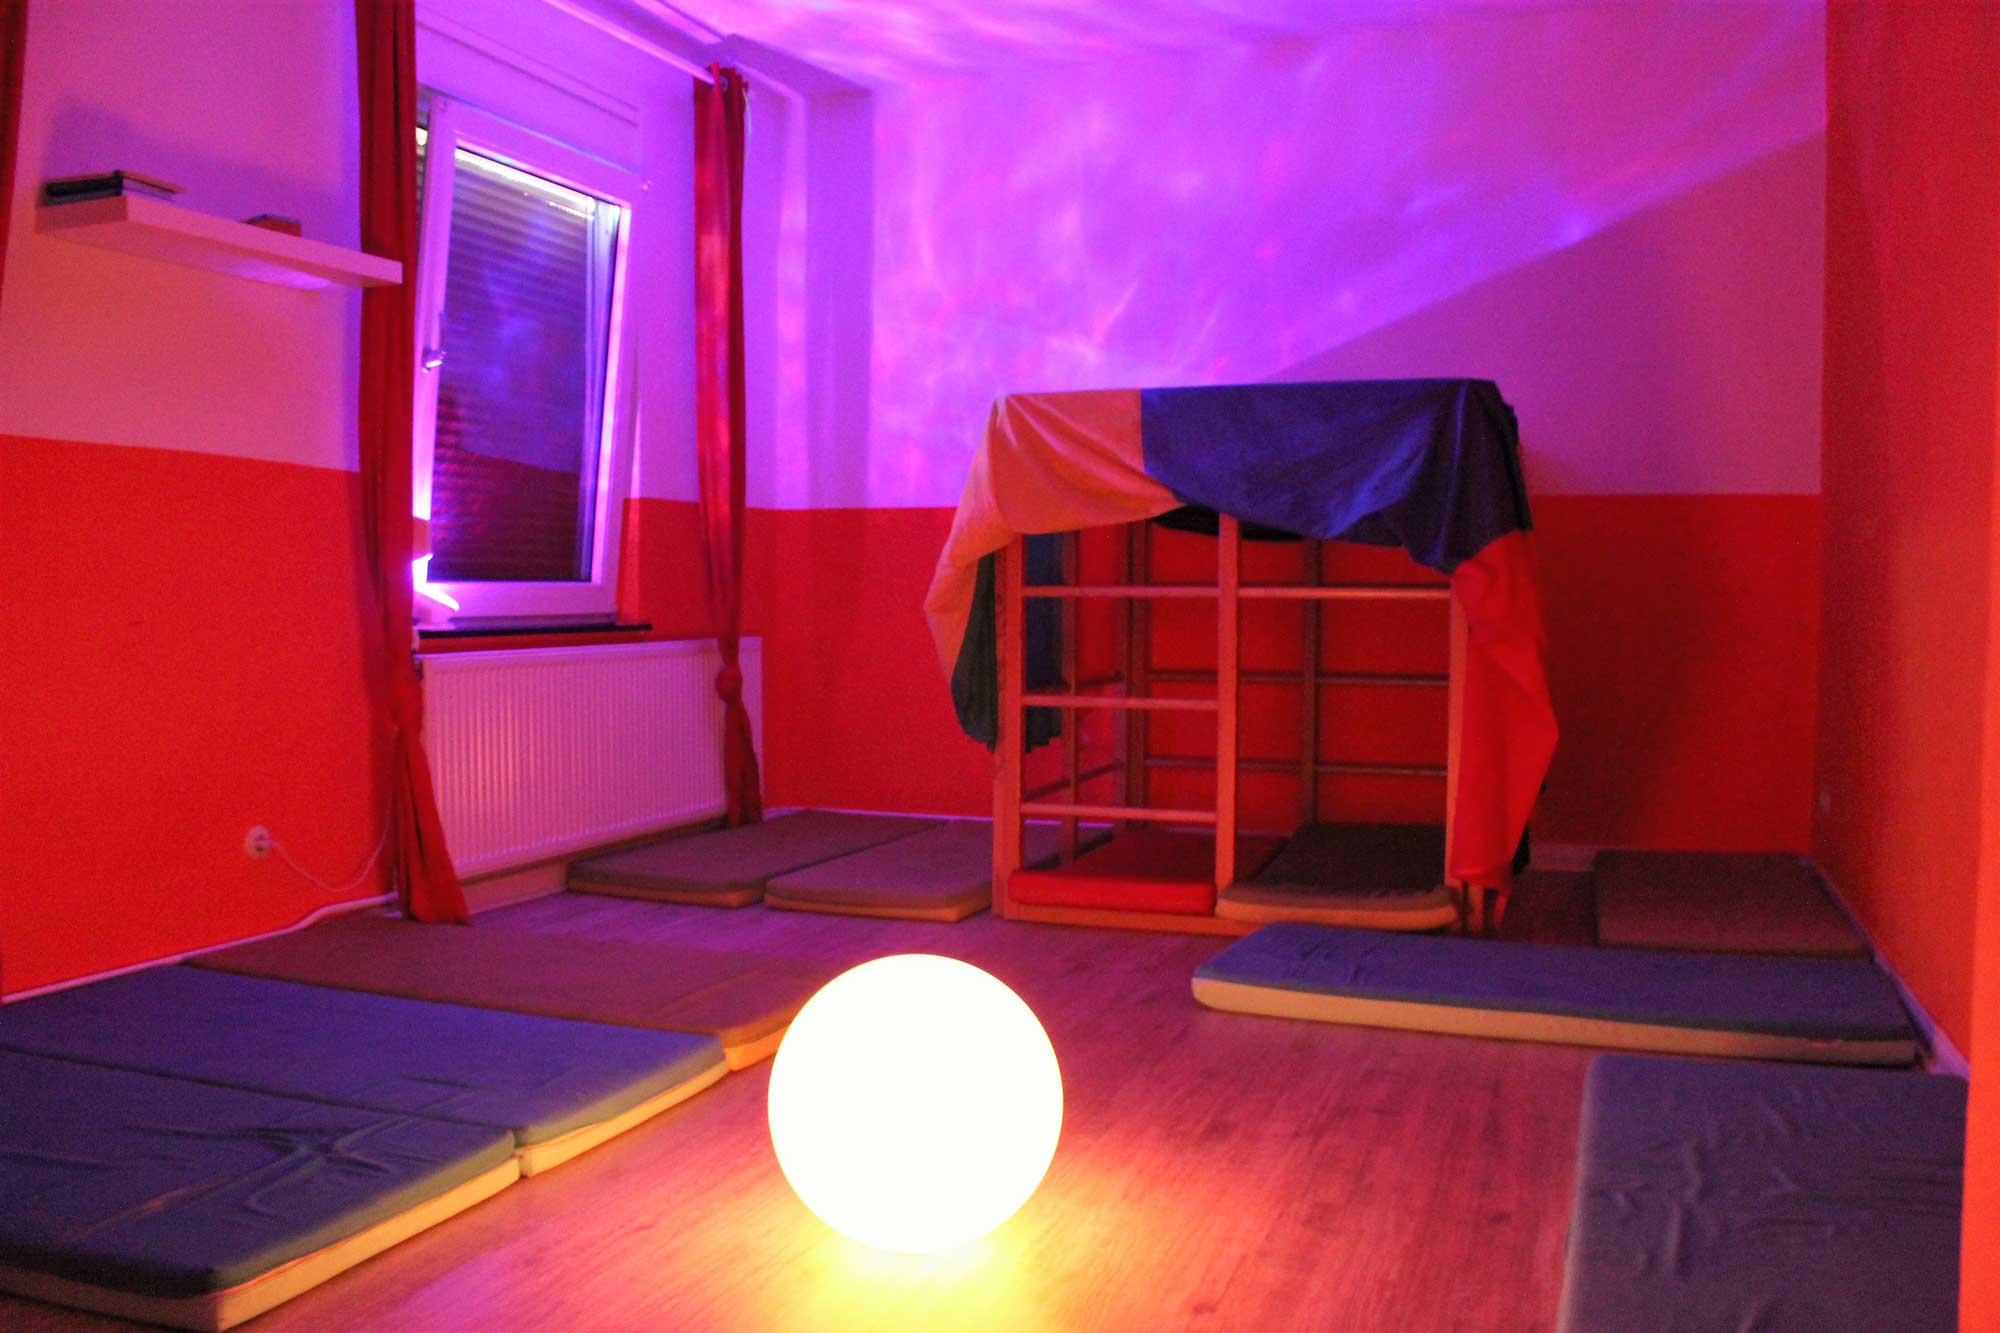 Abgedunkelter Raum mit Matratzen auf dem Boden